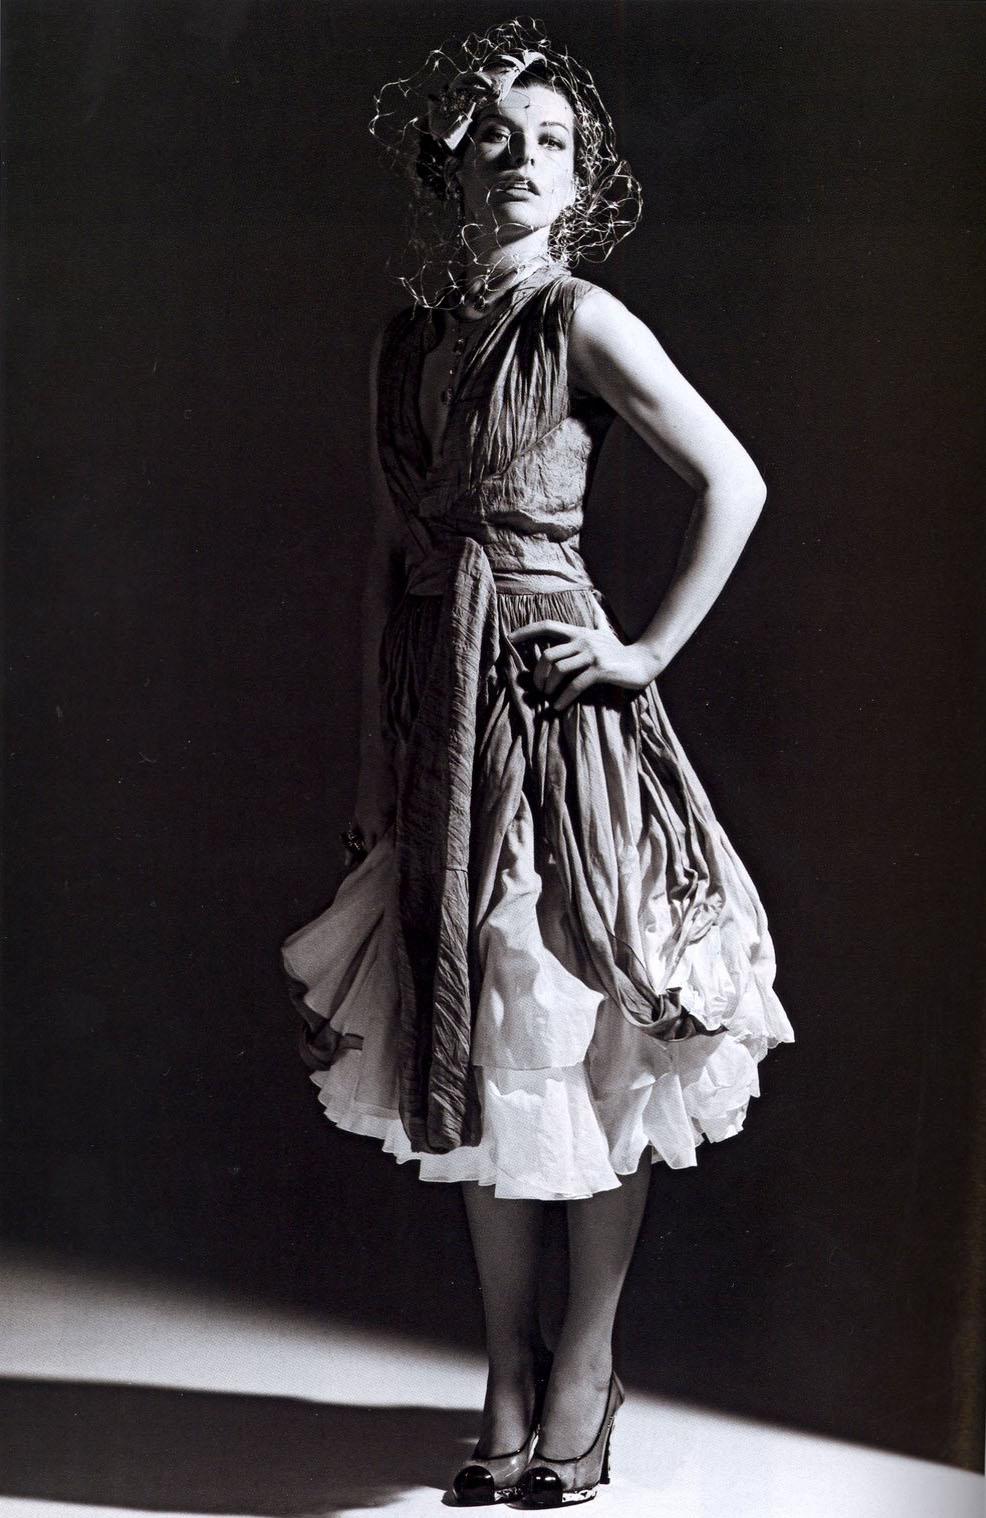 Мила Йовович. в журнале Вог в Китае. актриса и модель. Знаменитая.